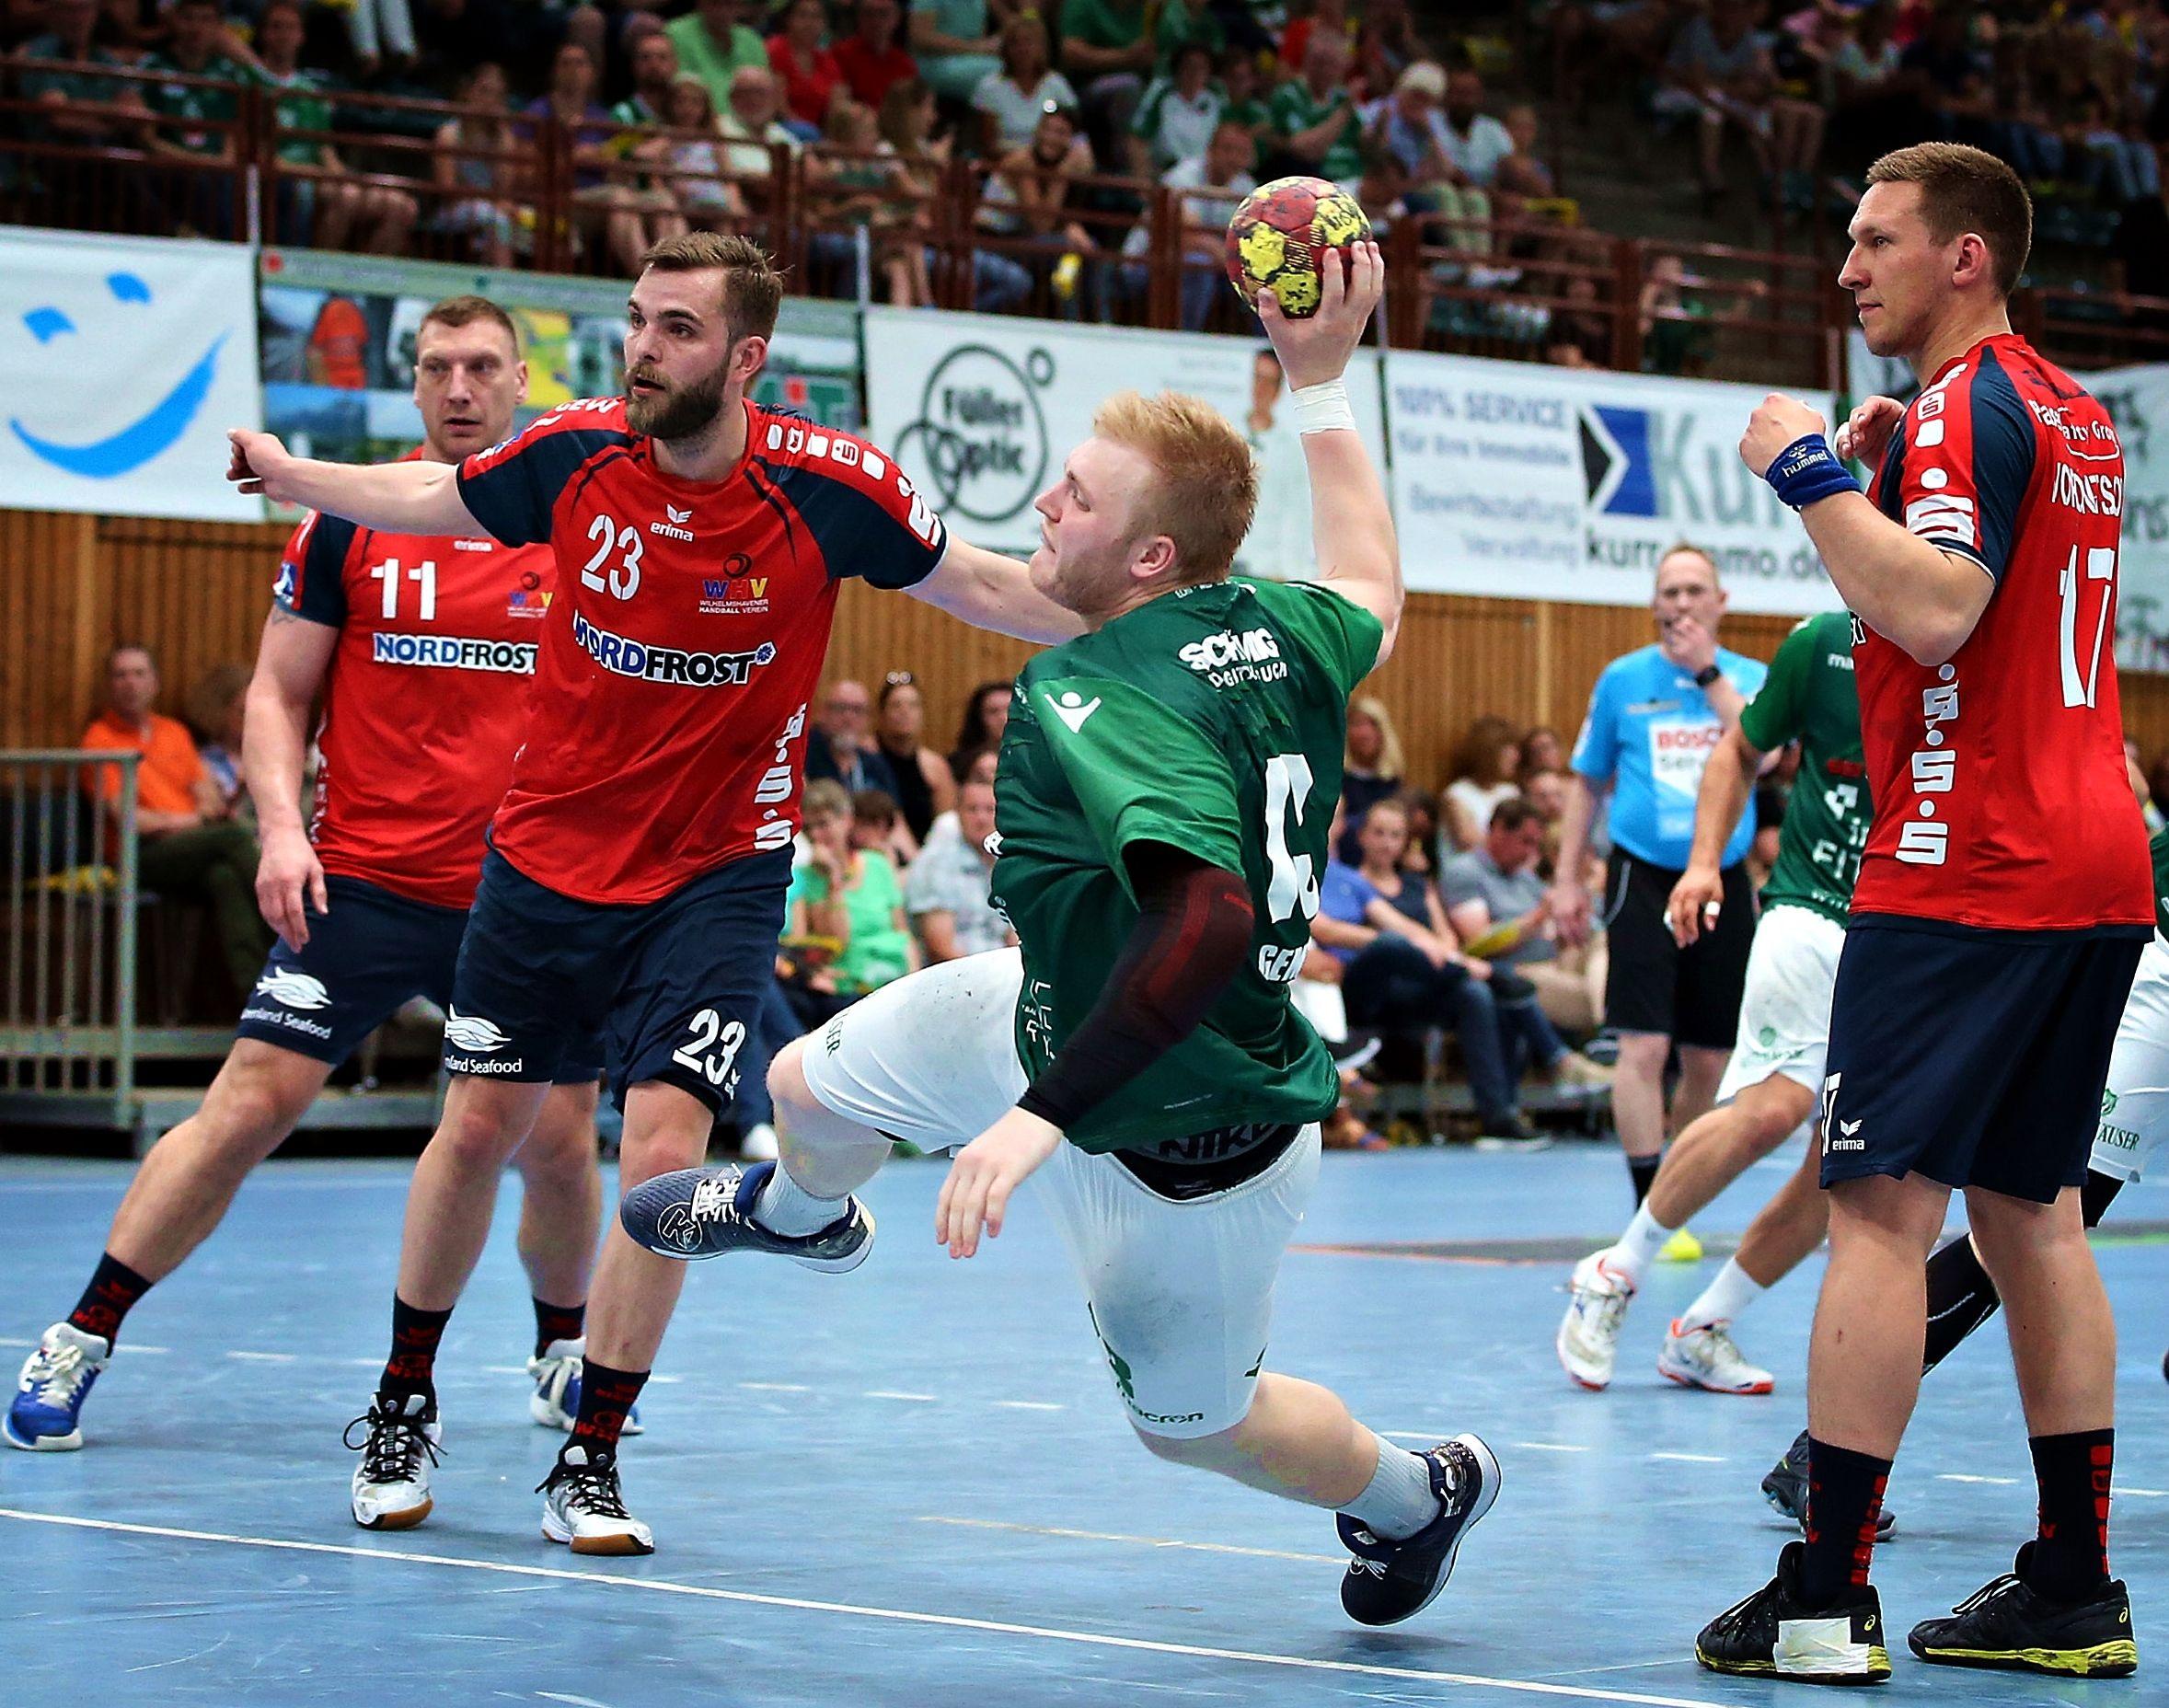 DKB 2. Handball-Bundesliga, DJK Rimpar Wölfe – Wilhelmshavener HV